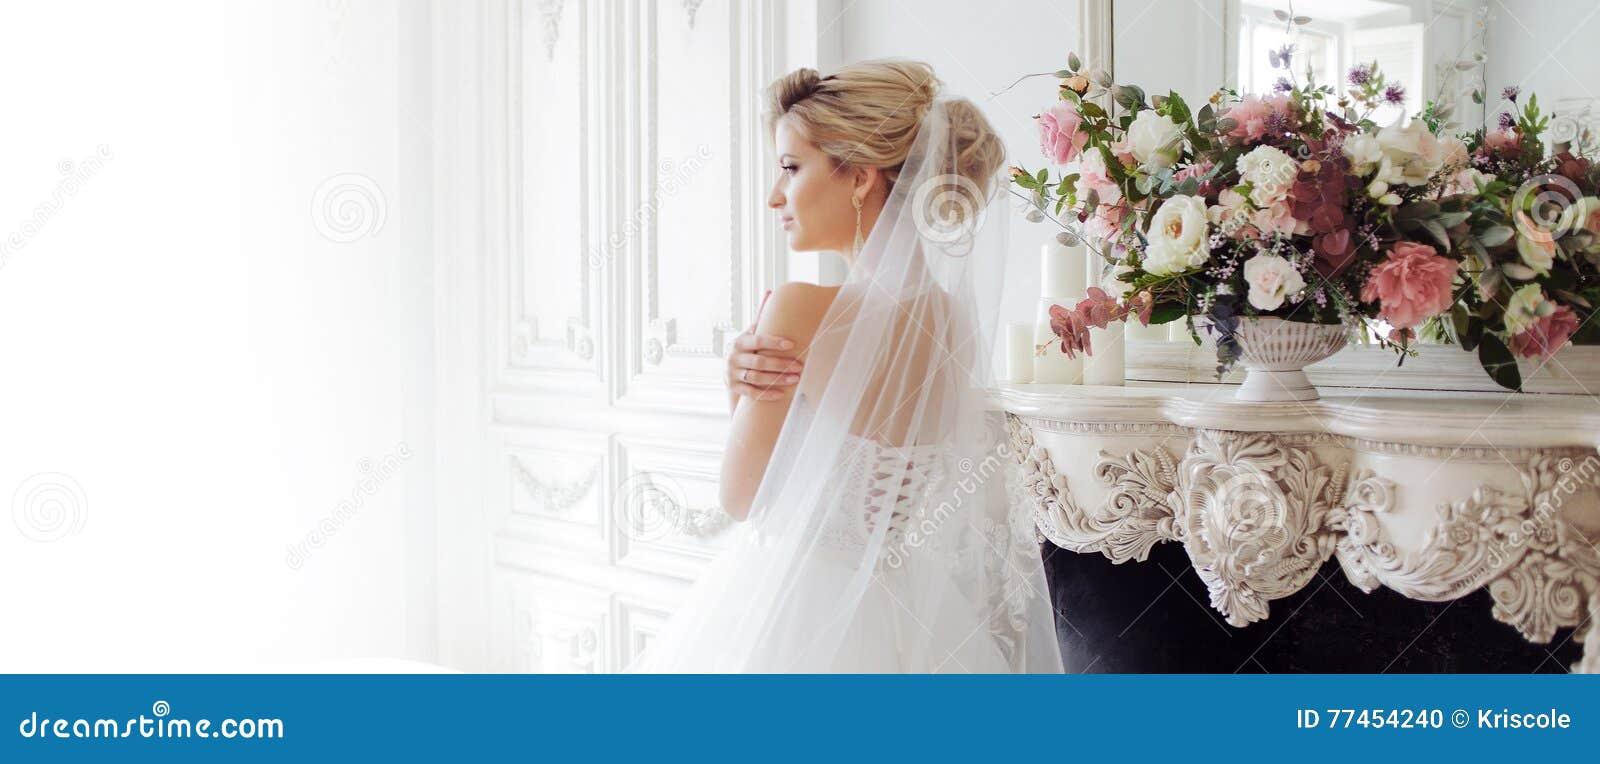 Γοητεία της νέας νύφης στο πολυτελές γαμήλιο φόρεμα Όμορφο κορίτσι, στούντιο φωτογραφιών